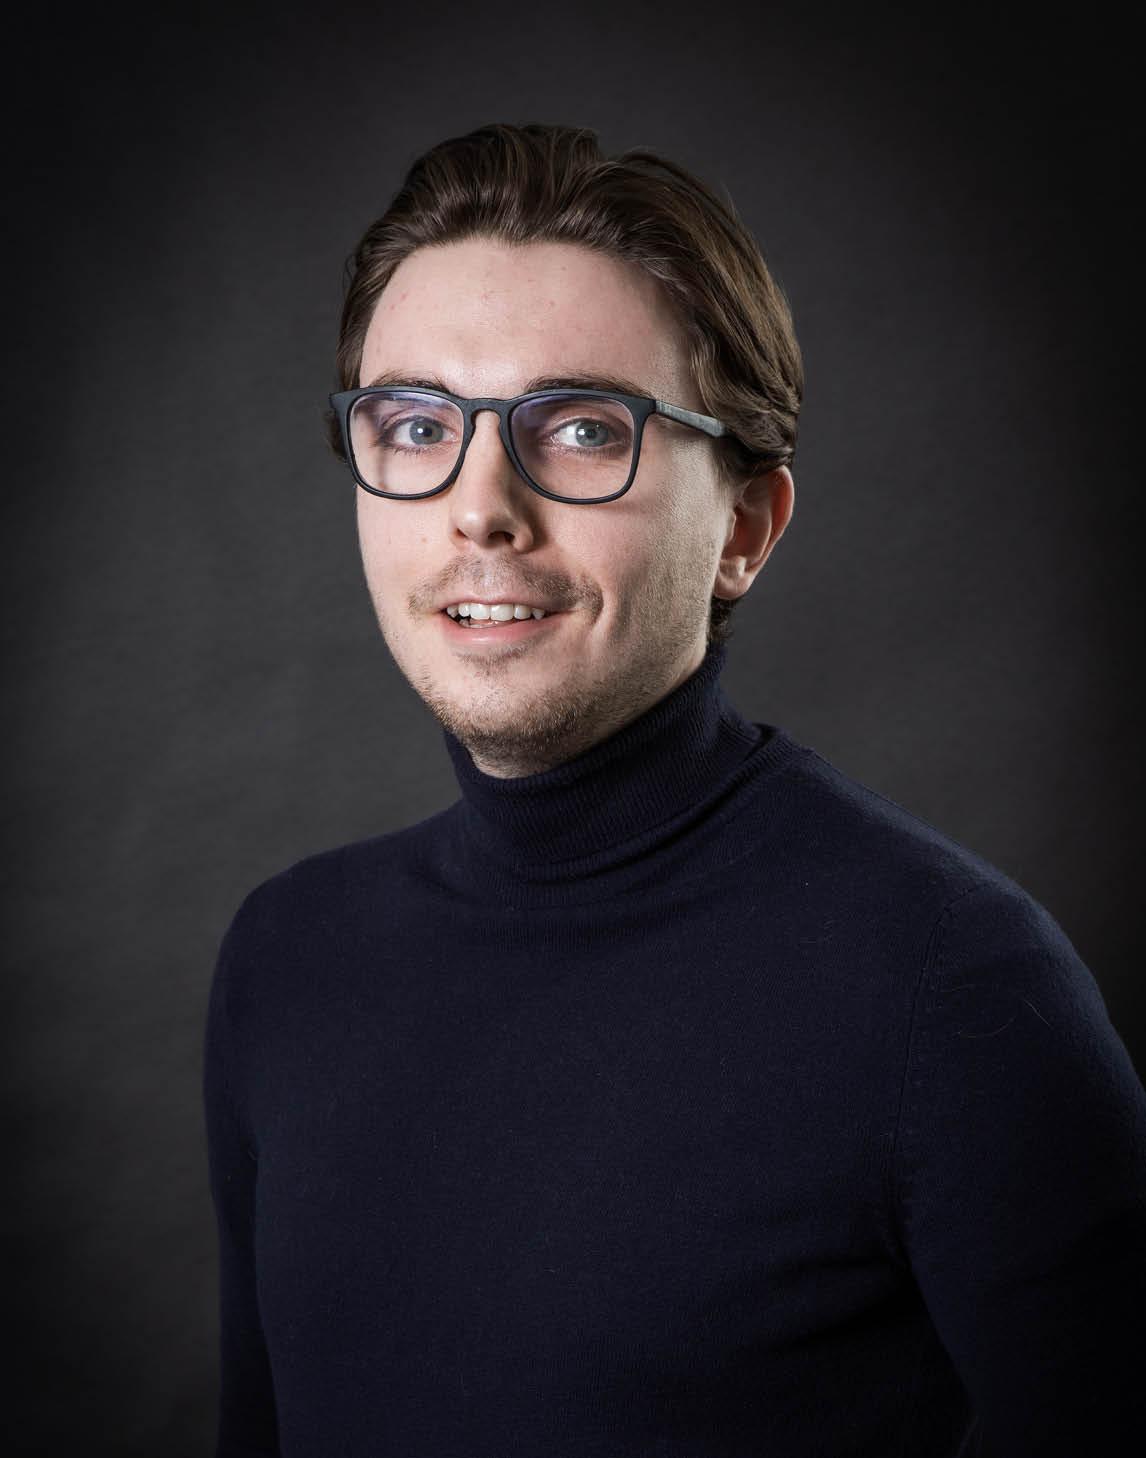 Hans Jurgen